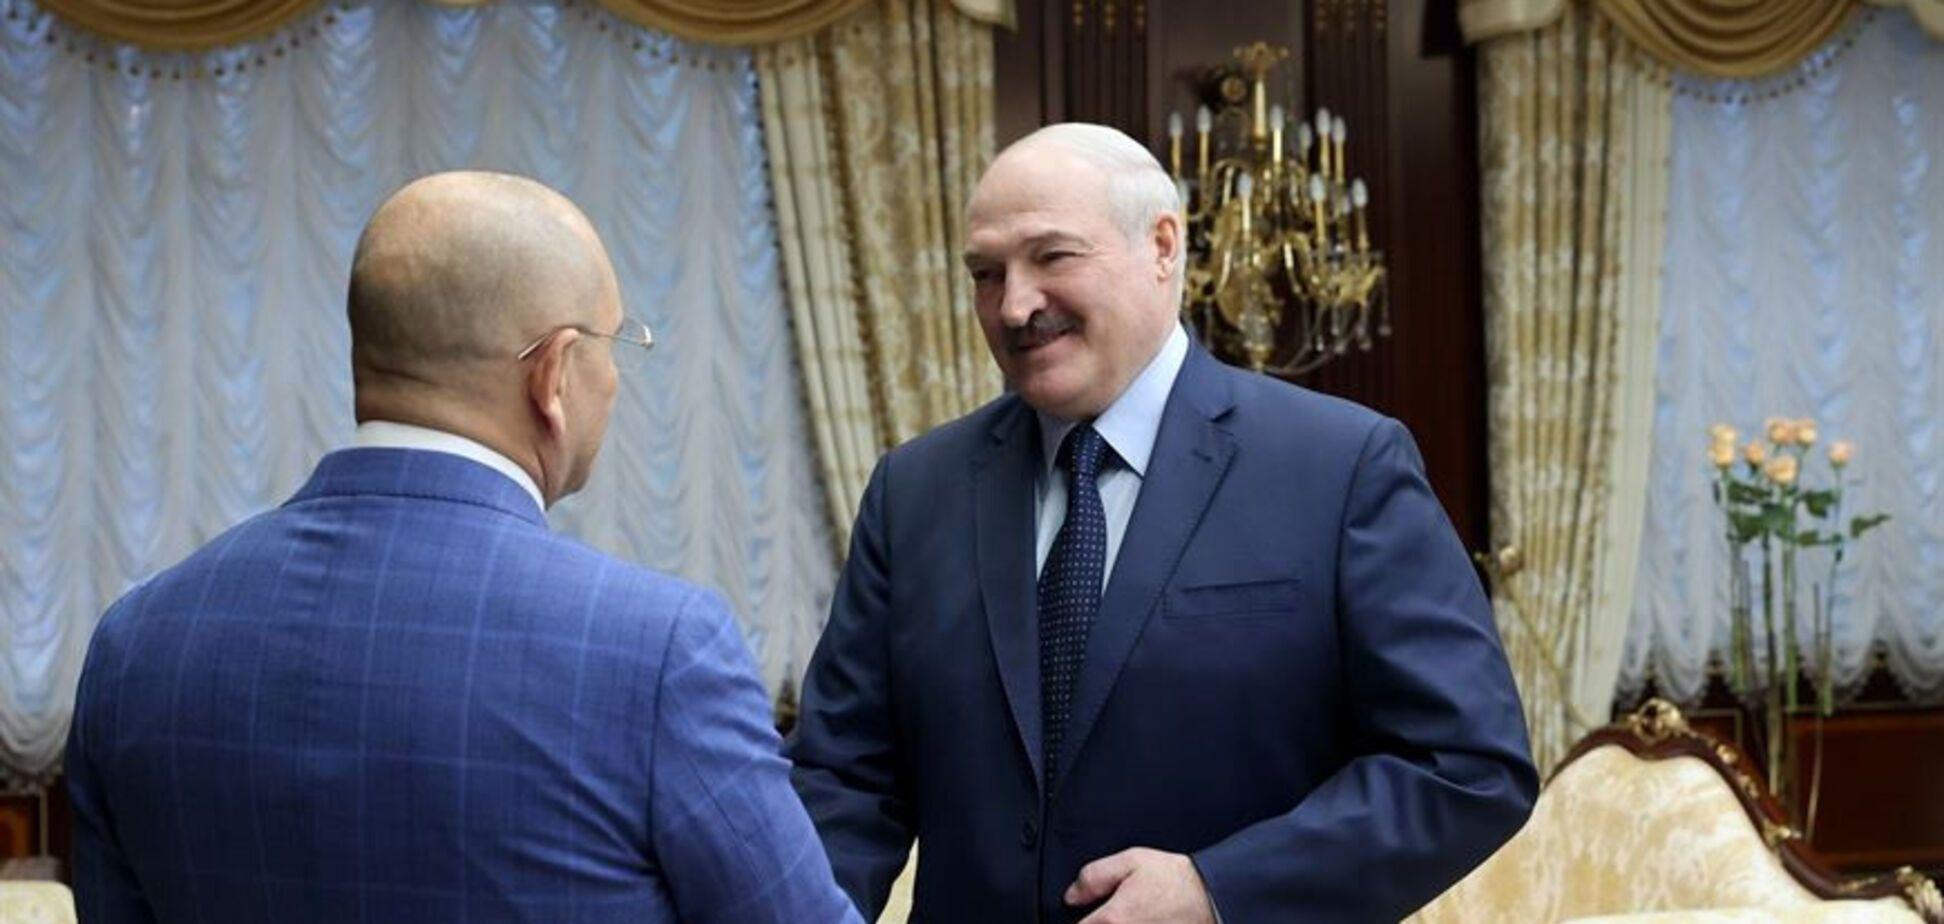 Украинский нардеп Шевченко встретился с Лукашенко в Минске